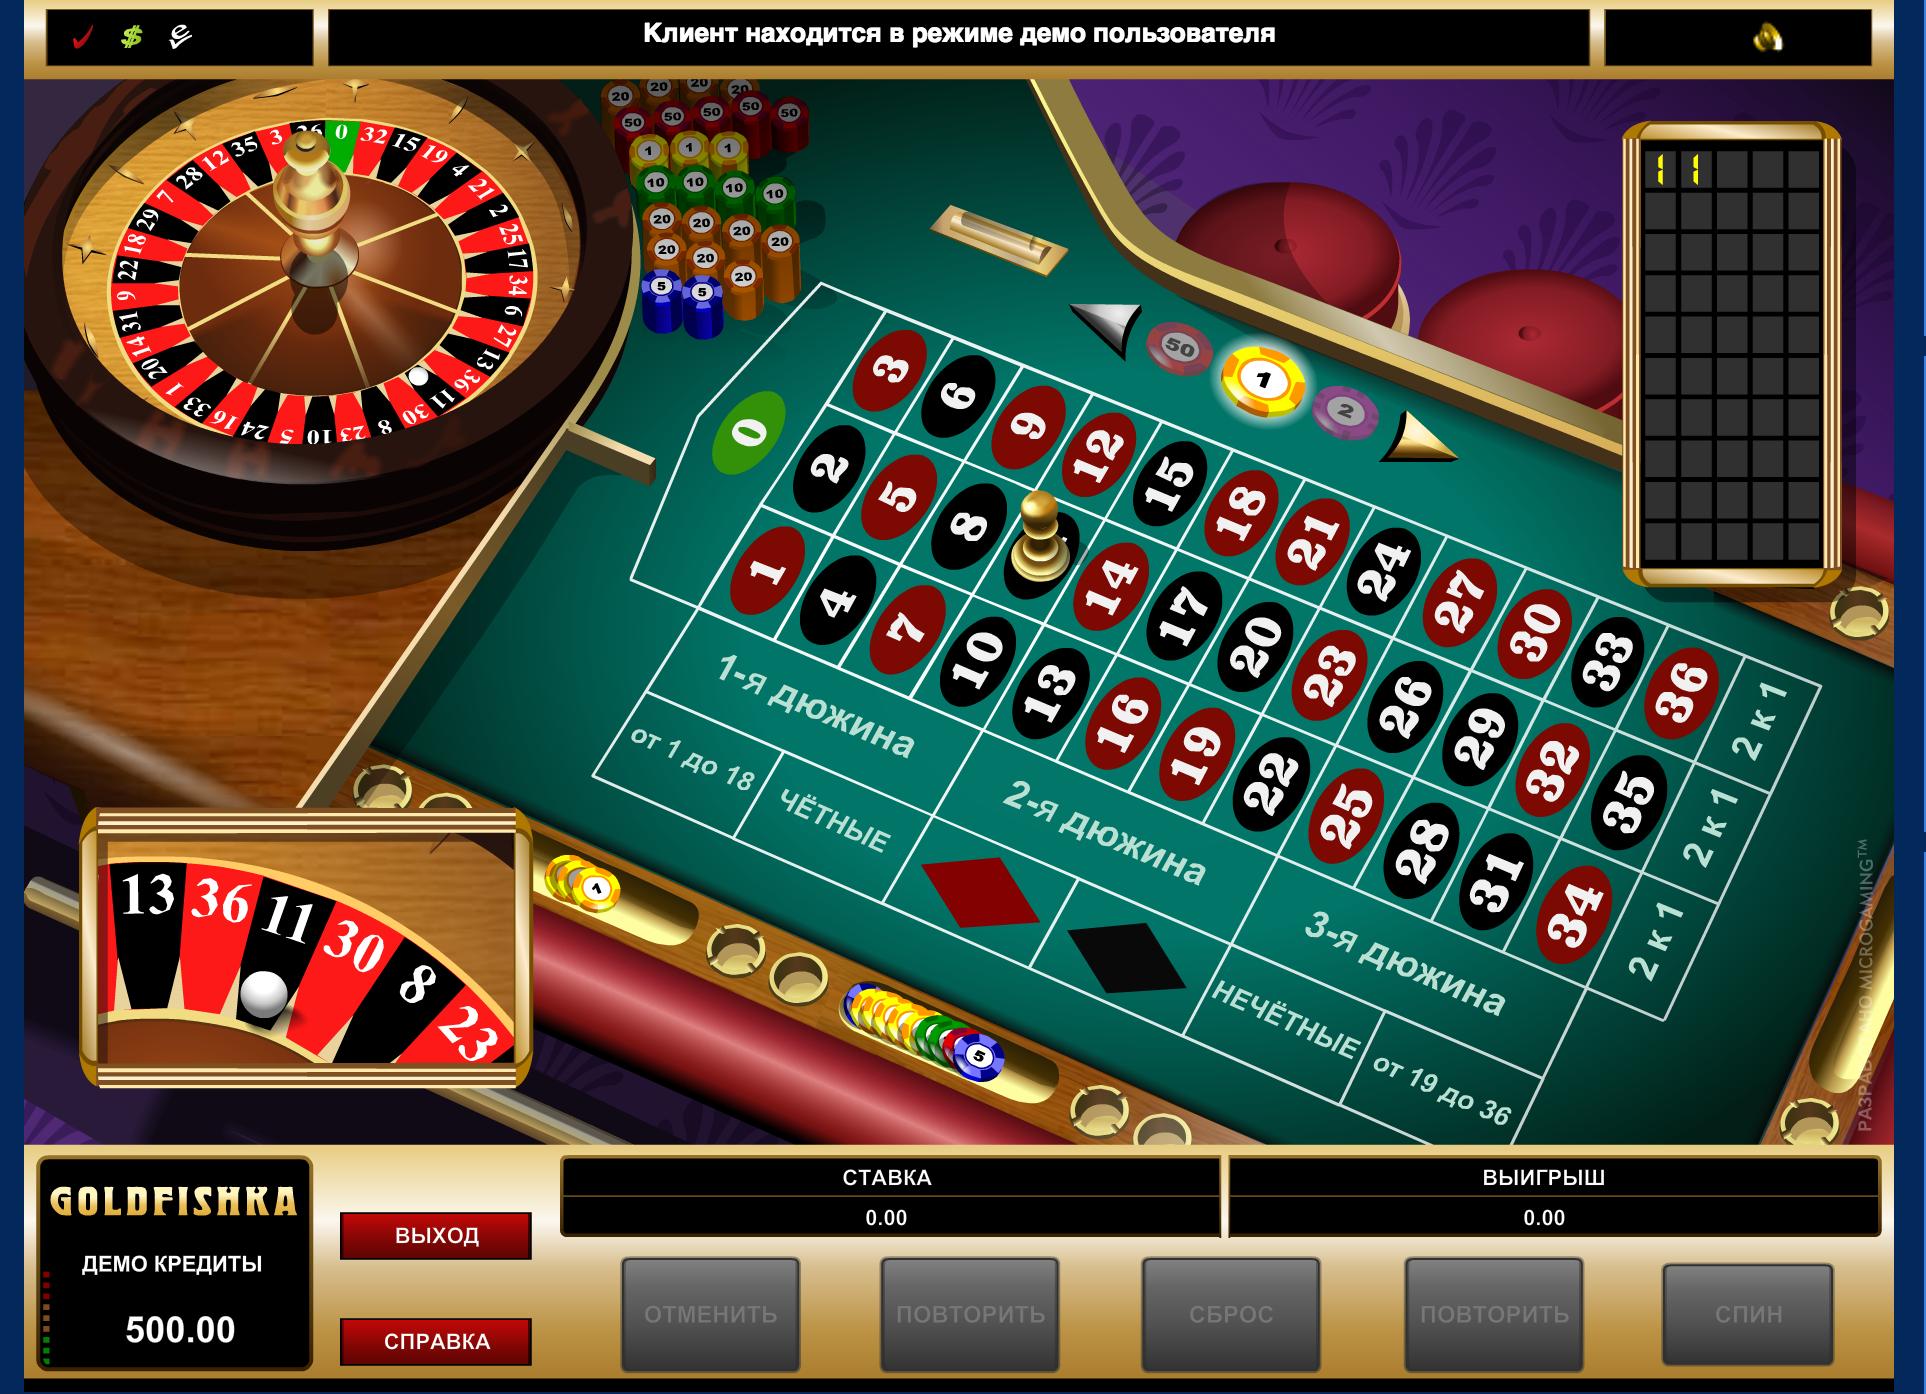 Как научится играть в казино на samp rp